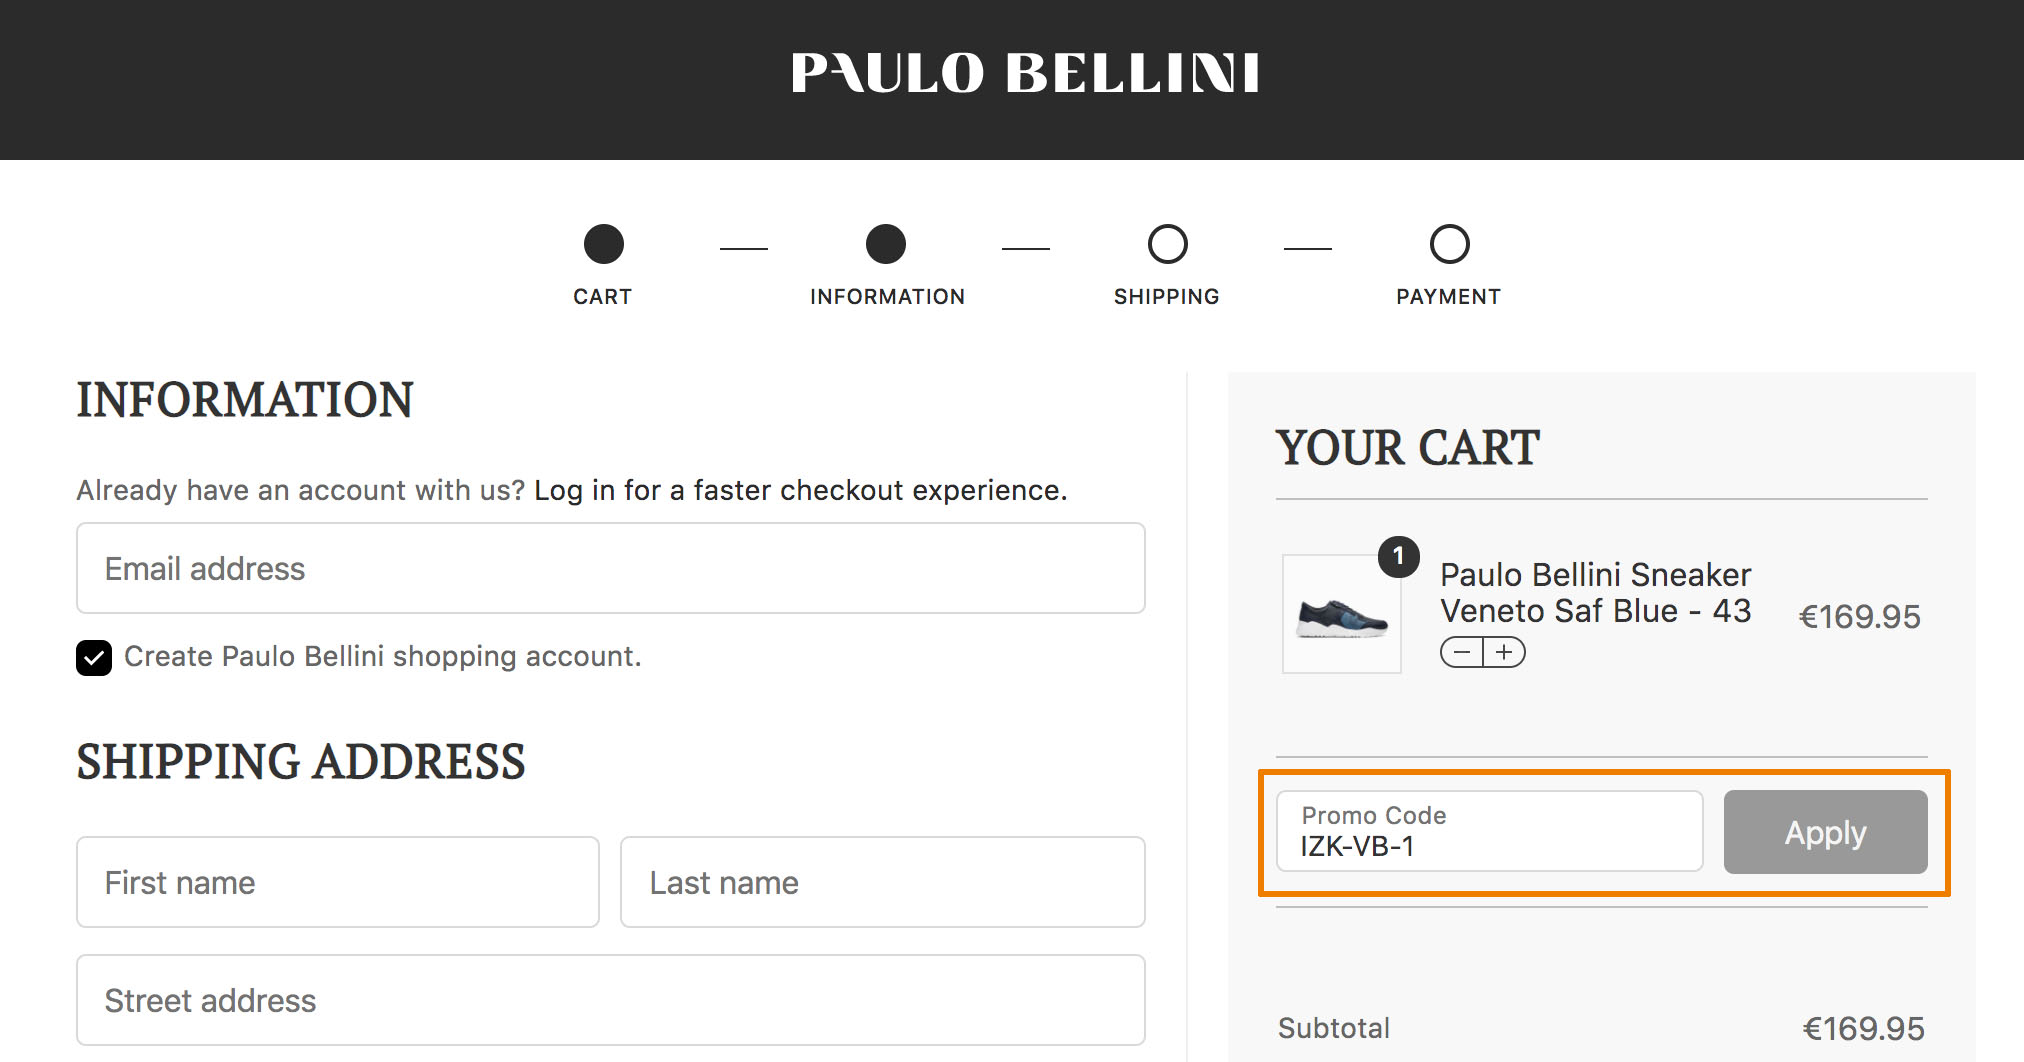 Hoe gebruik je een Paulo Bellini aanbieding